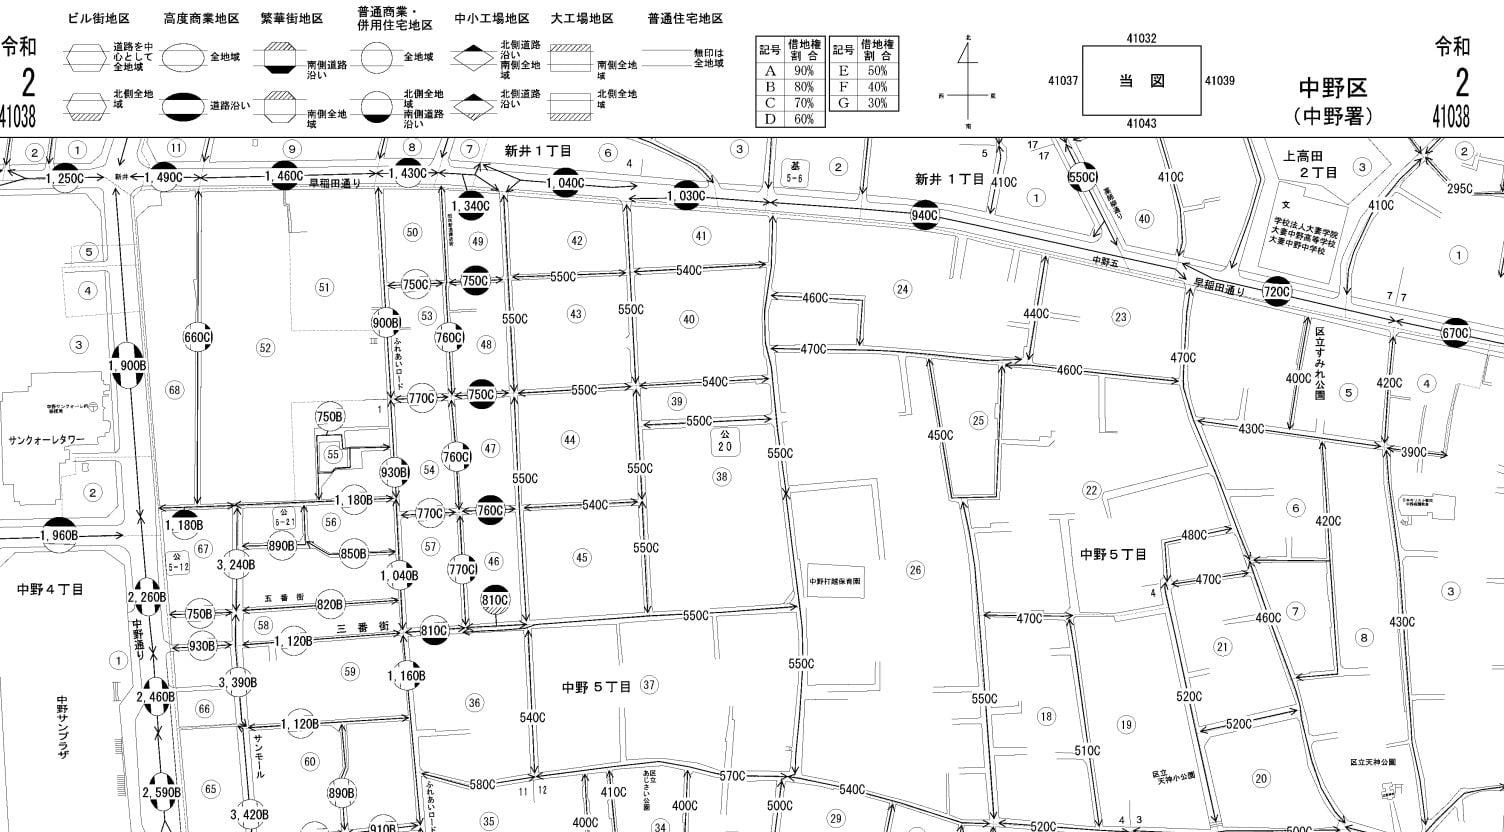 東京都中野区の路線価図